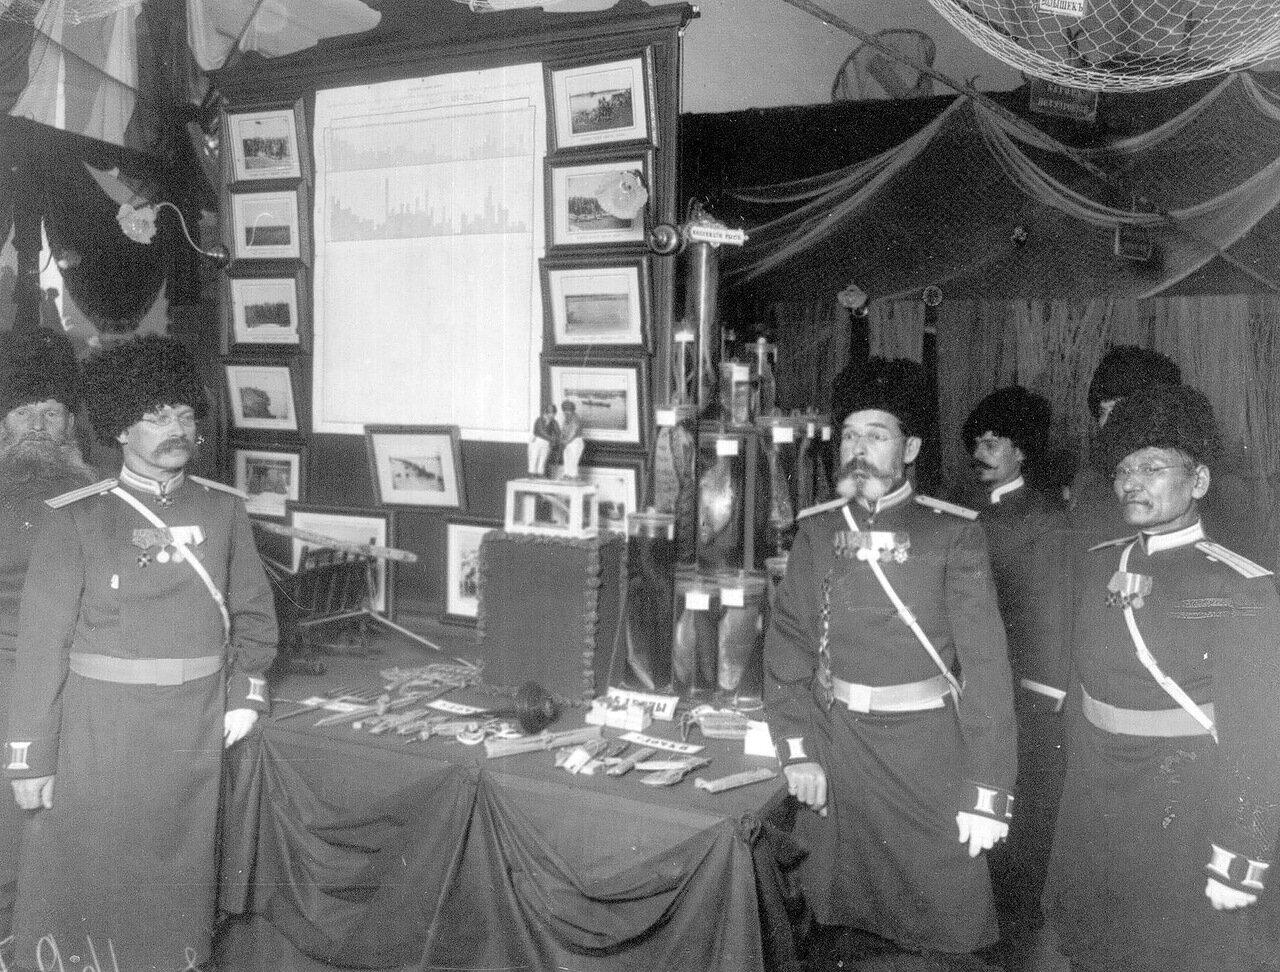 17. Группа офицеров особого корпуса жандармов в павильоне рыболовного инвентаря